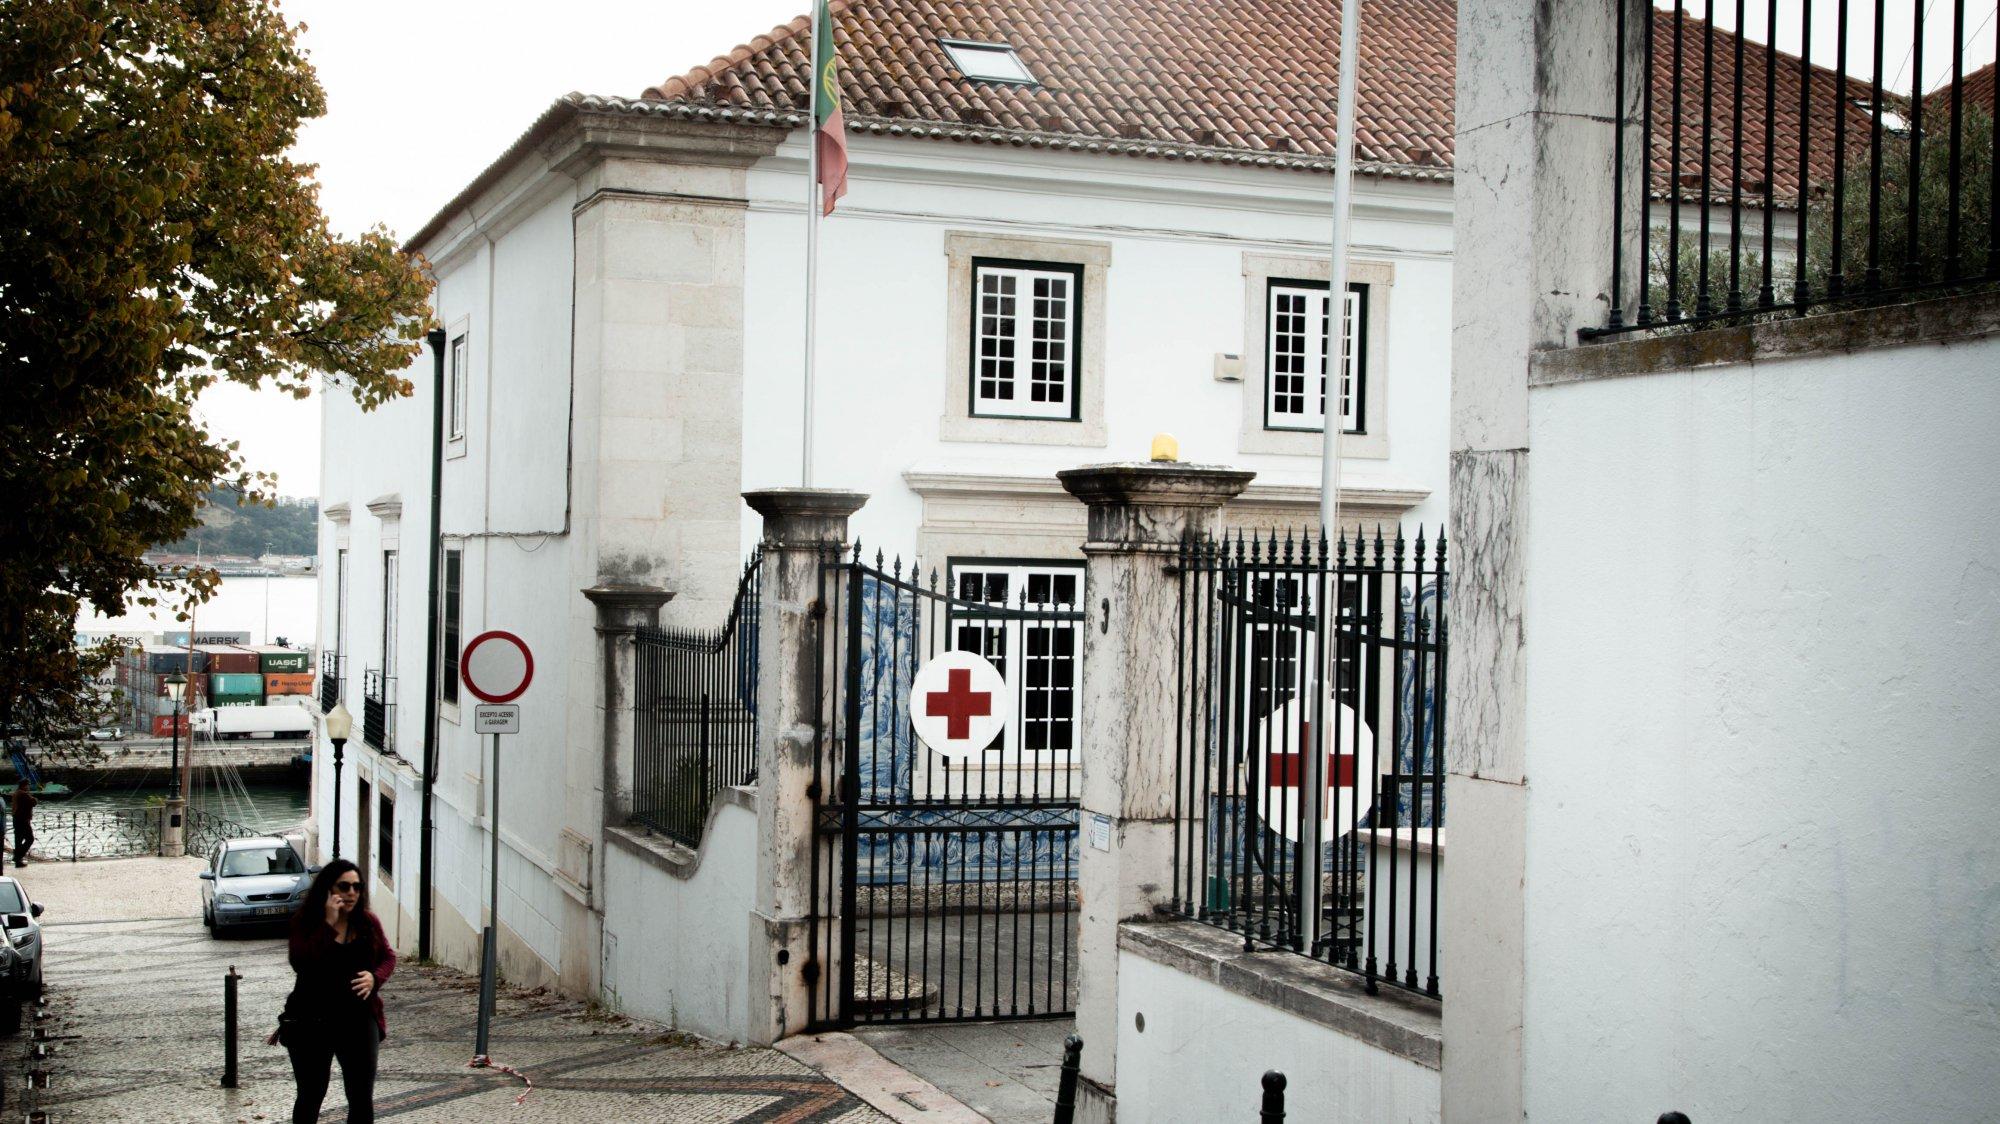 Cruz Vermelha Portuguesa. Lisboa, 21 de Outubro de 2019. MELISSA VIEIRA/OBSERVADOR